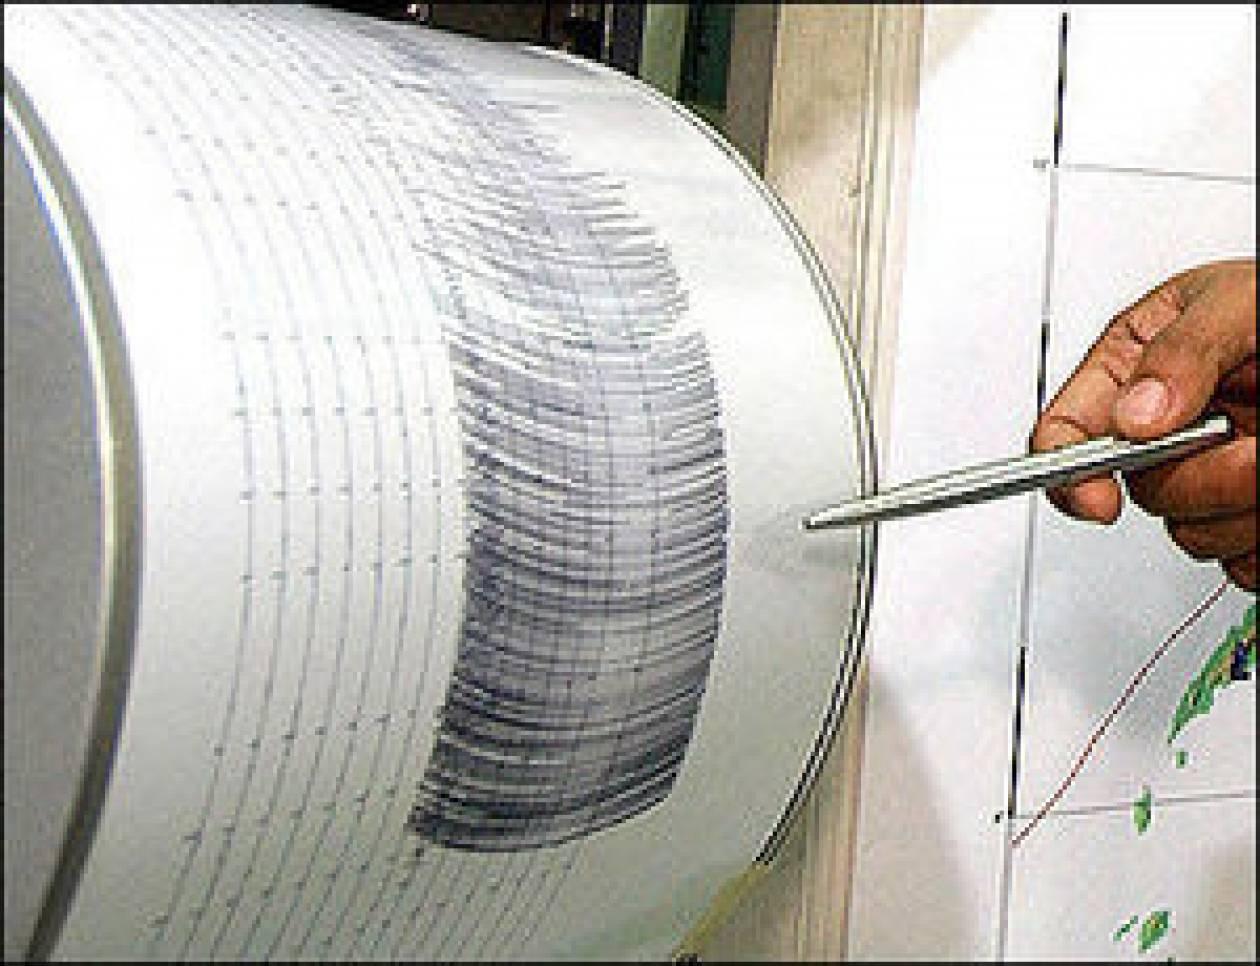 Σεισμός 4,0 Ρίχτερ στην Σπάρτη